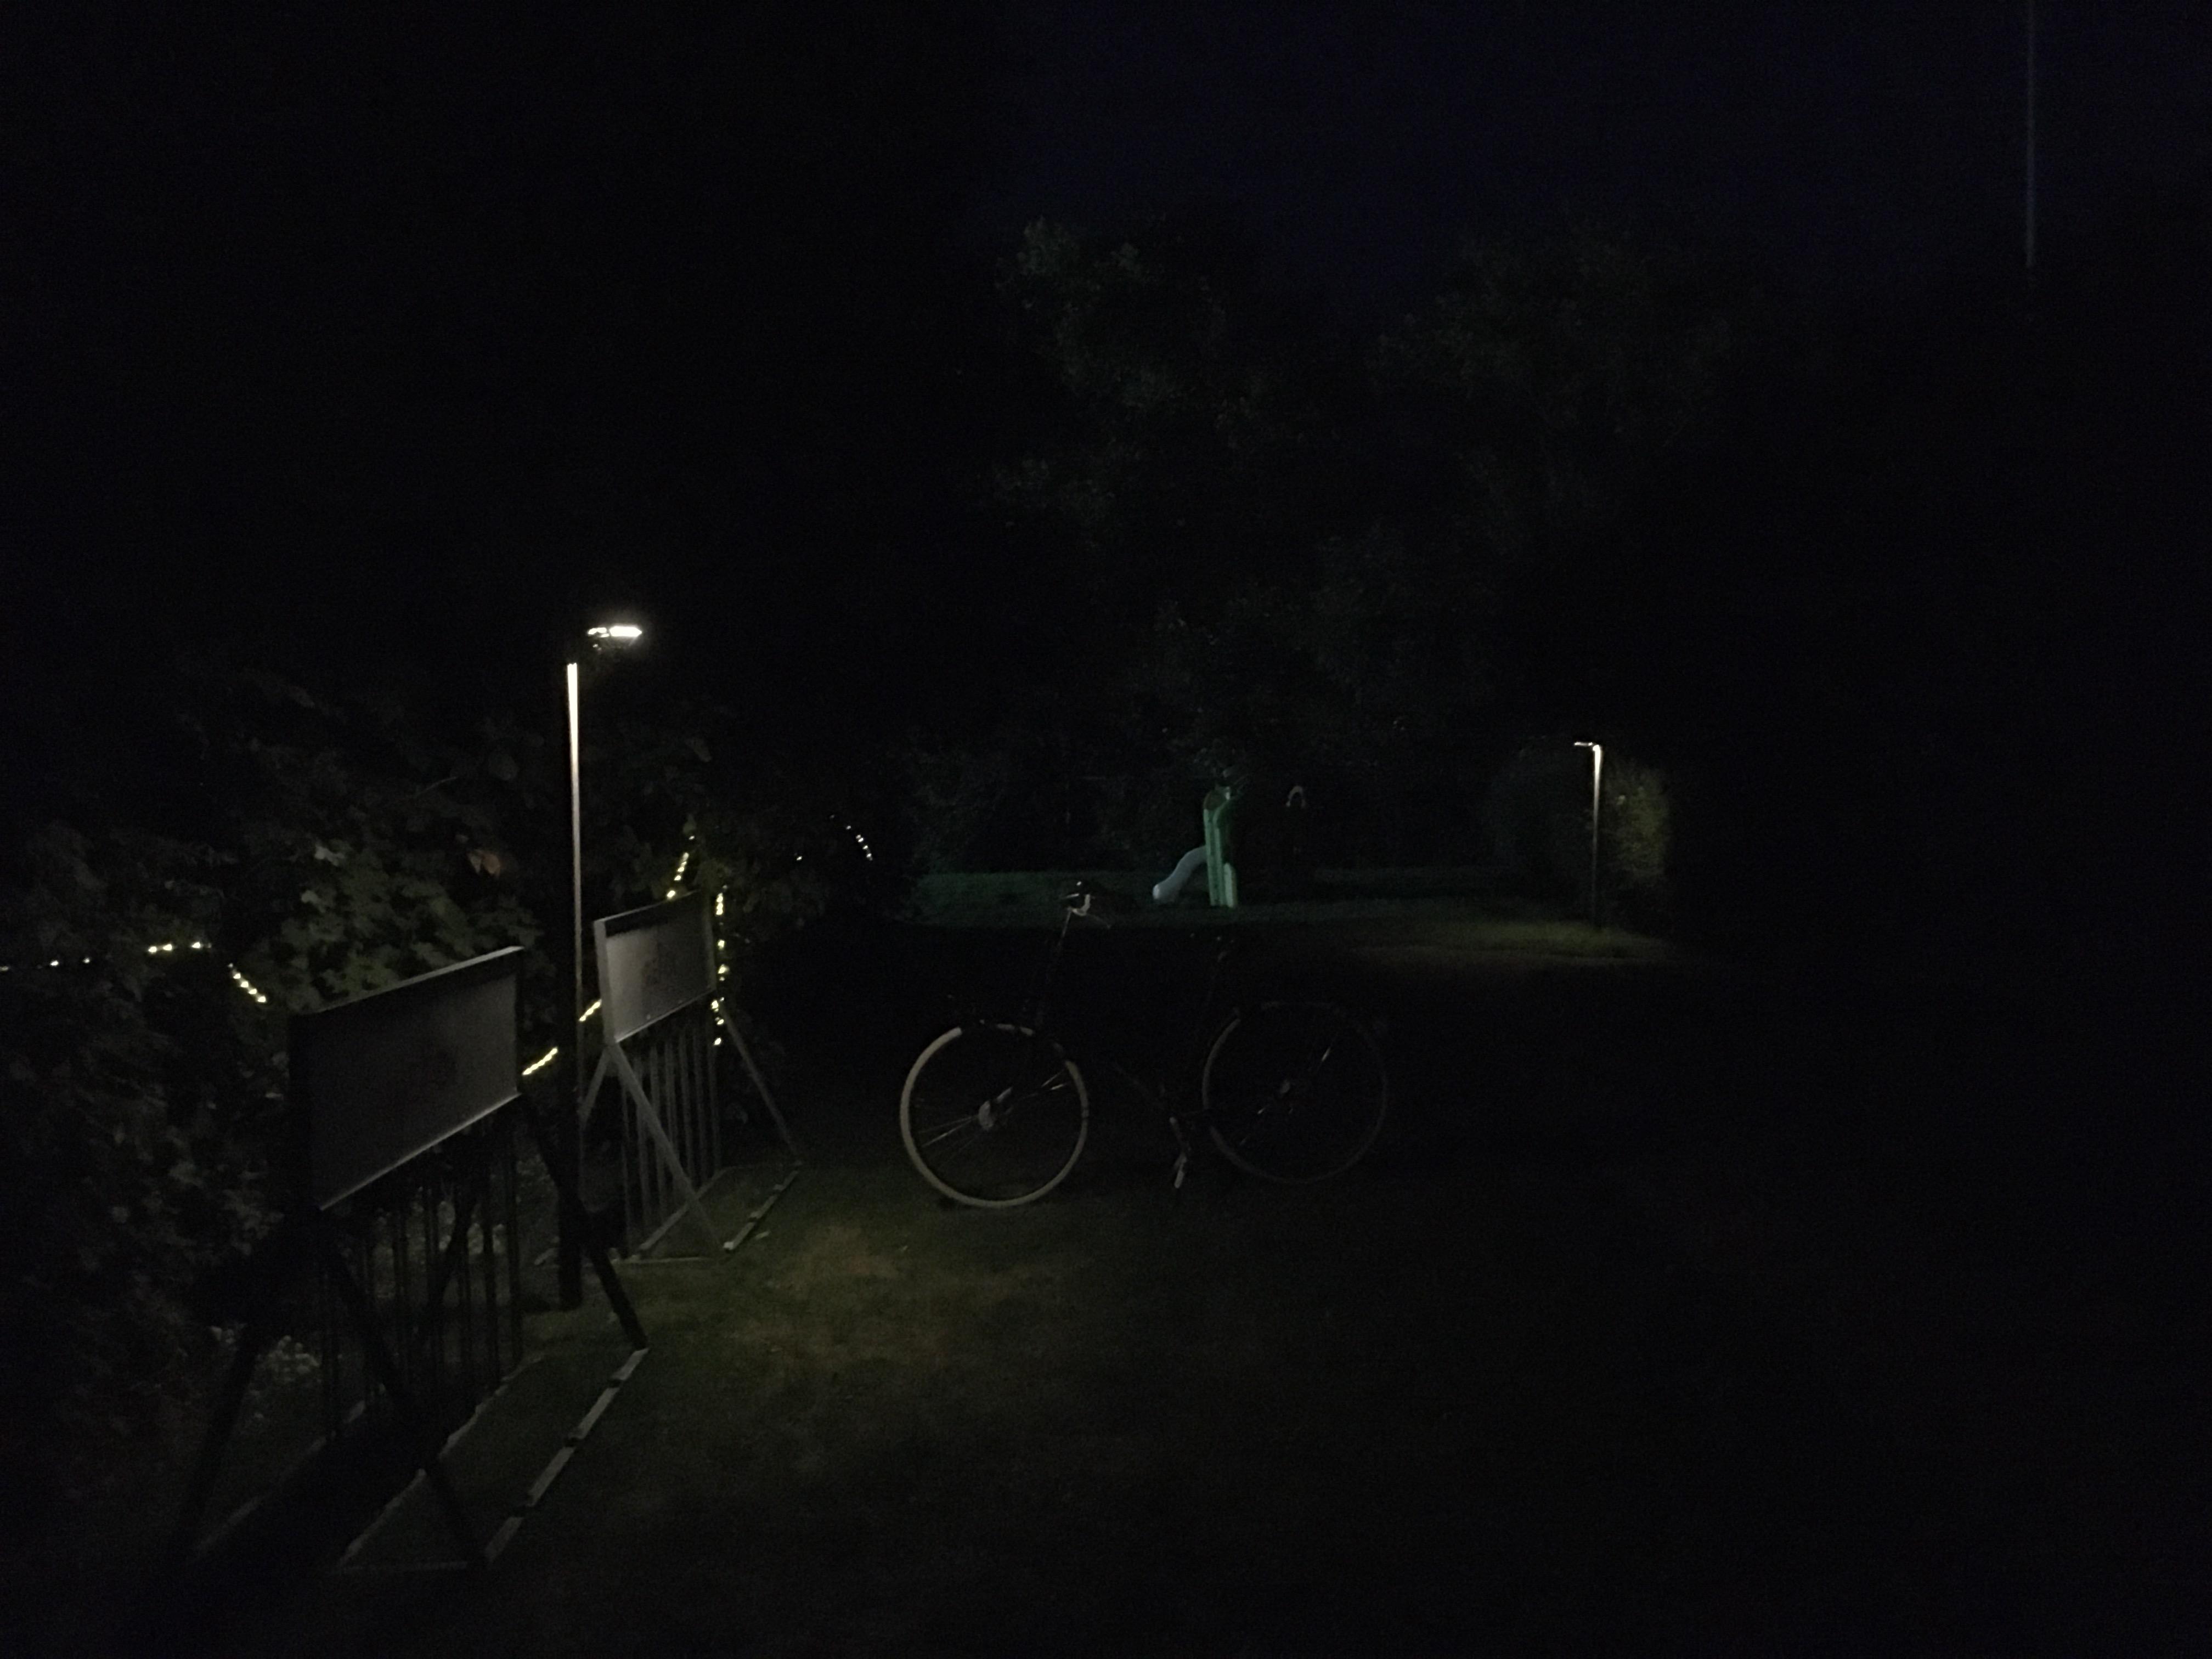 067 Ook in het donker kan men zo de uitgang vinden..